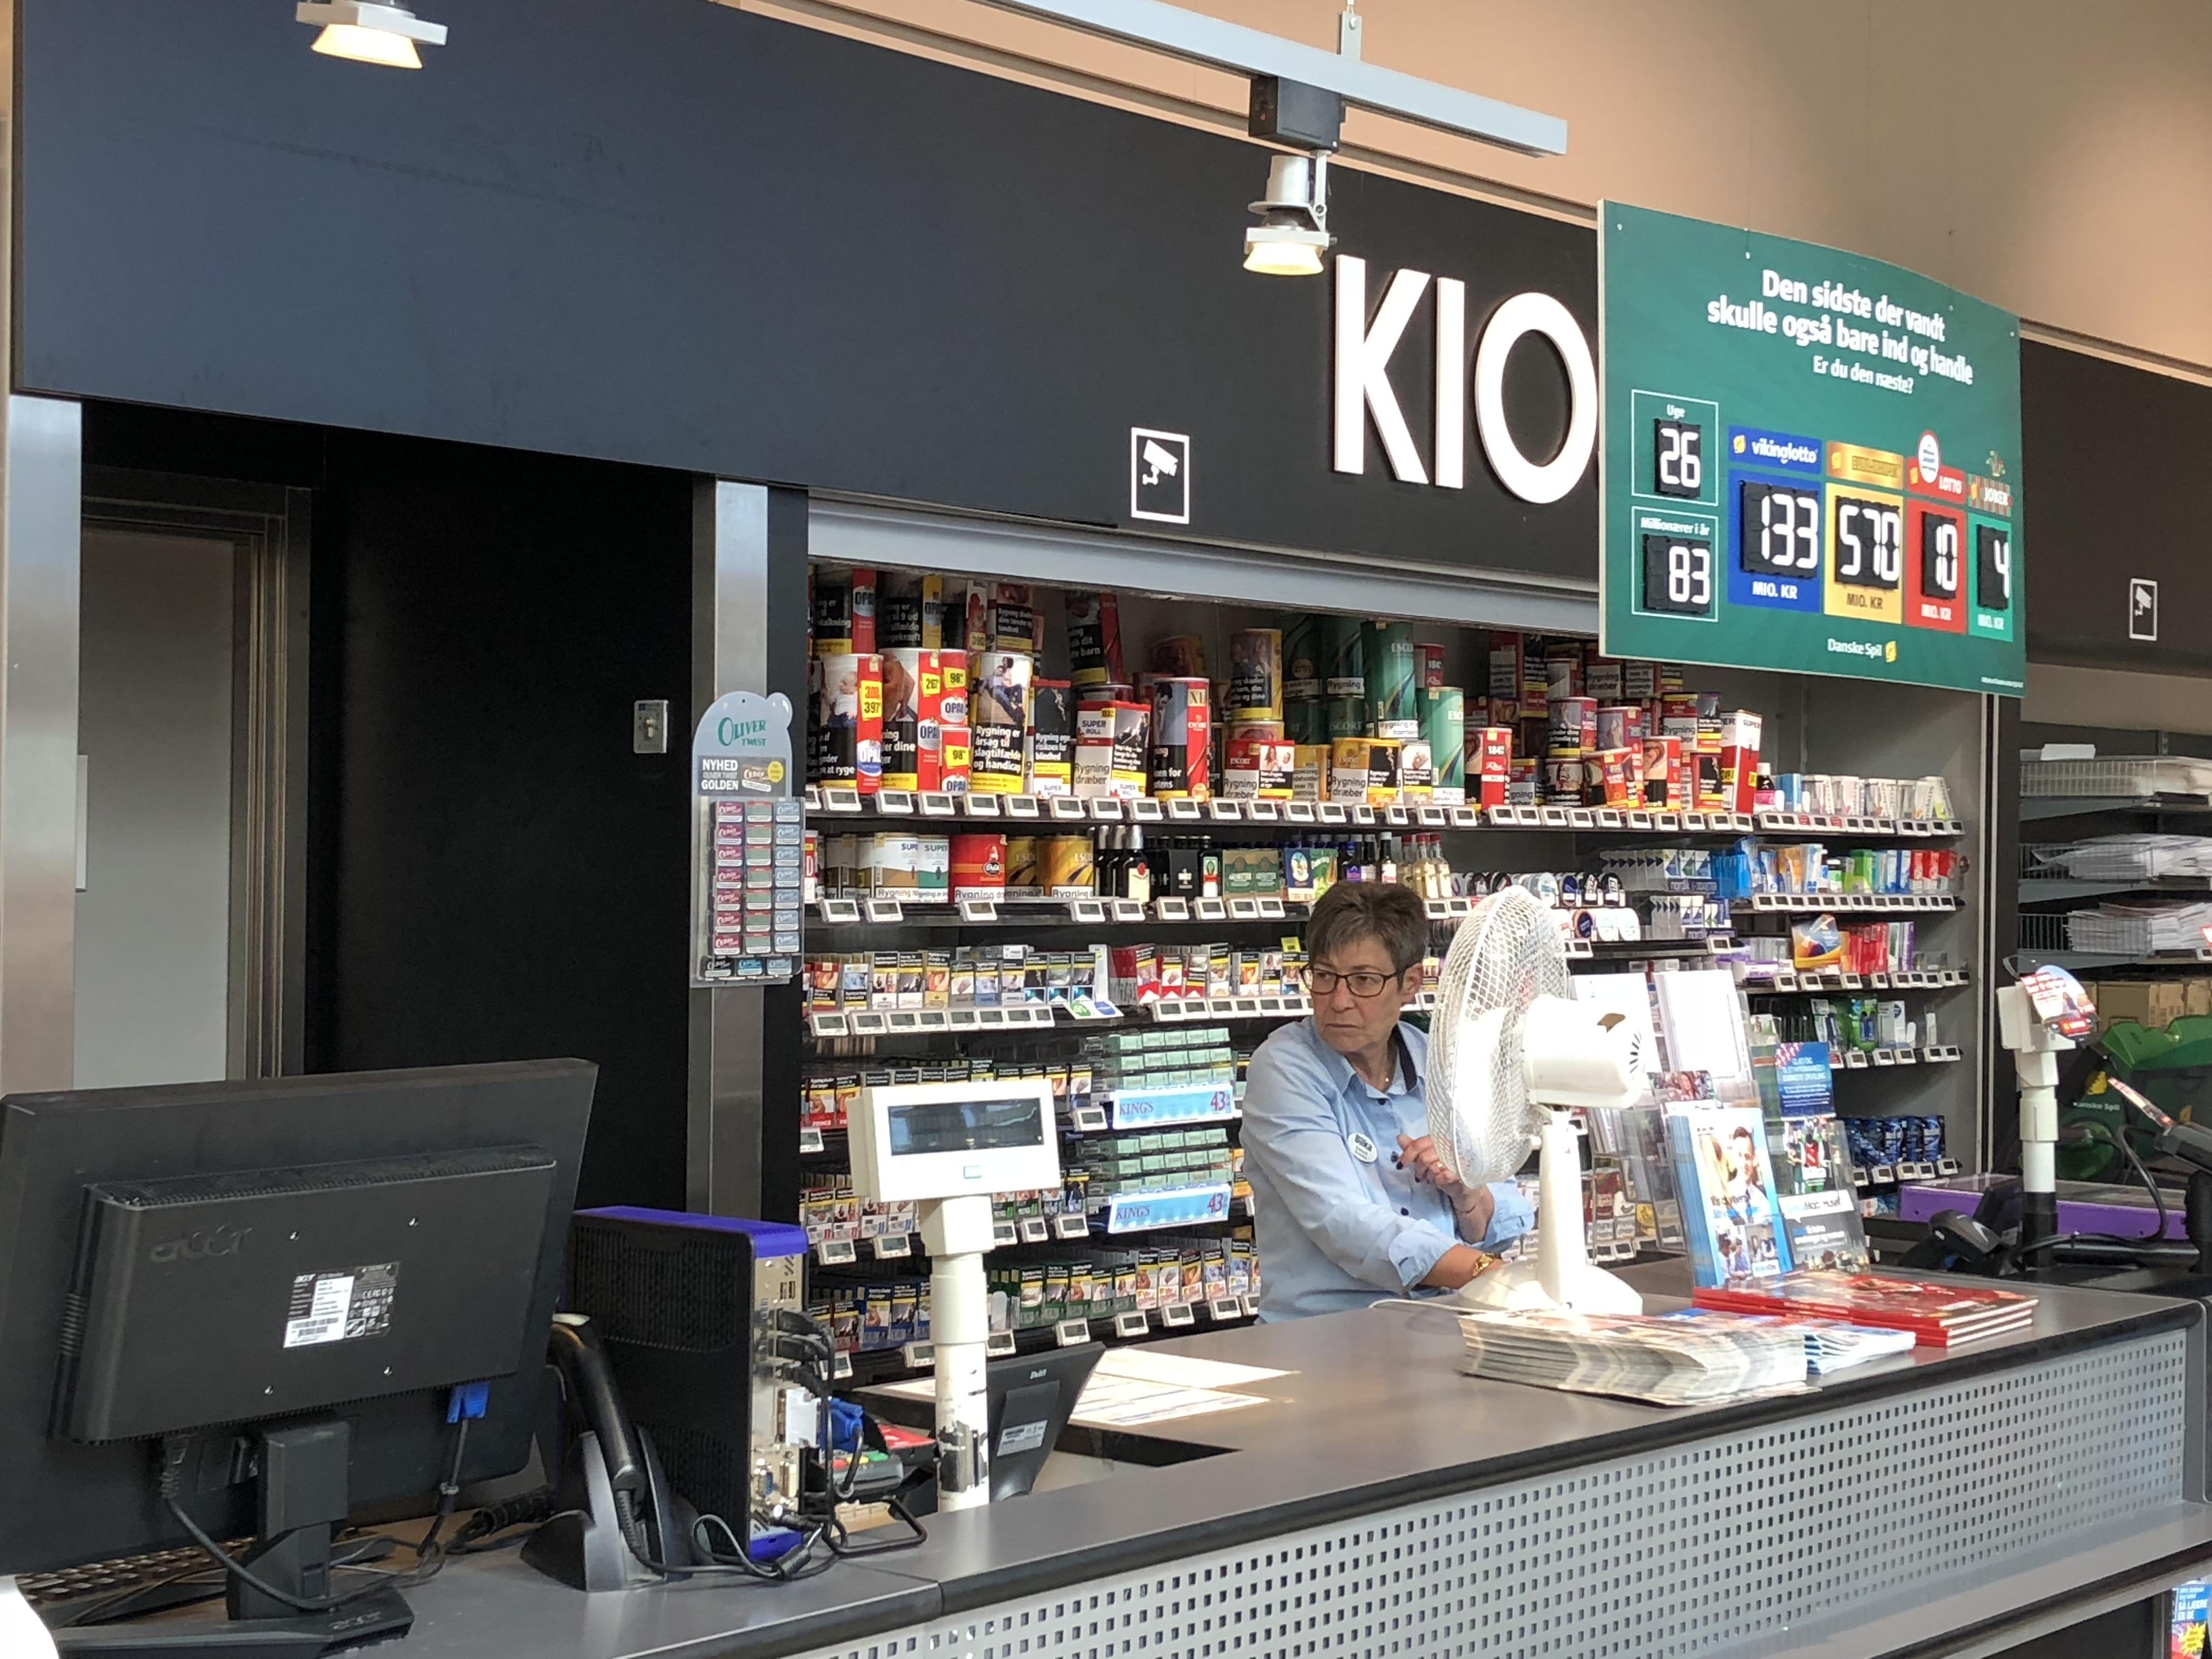 Bilka Kiosk